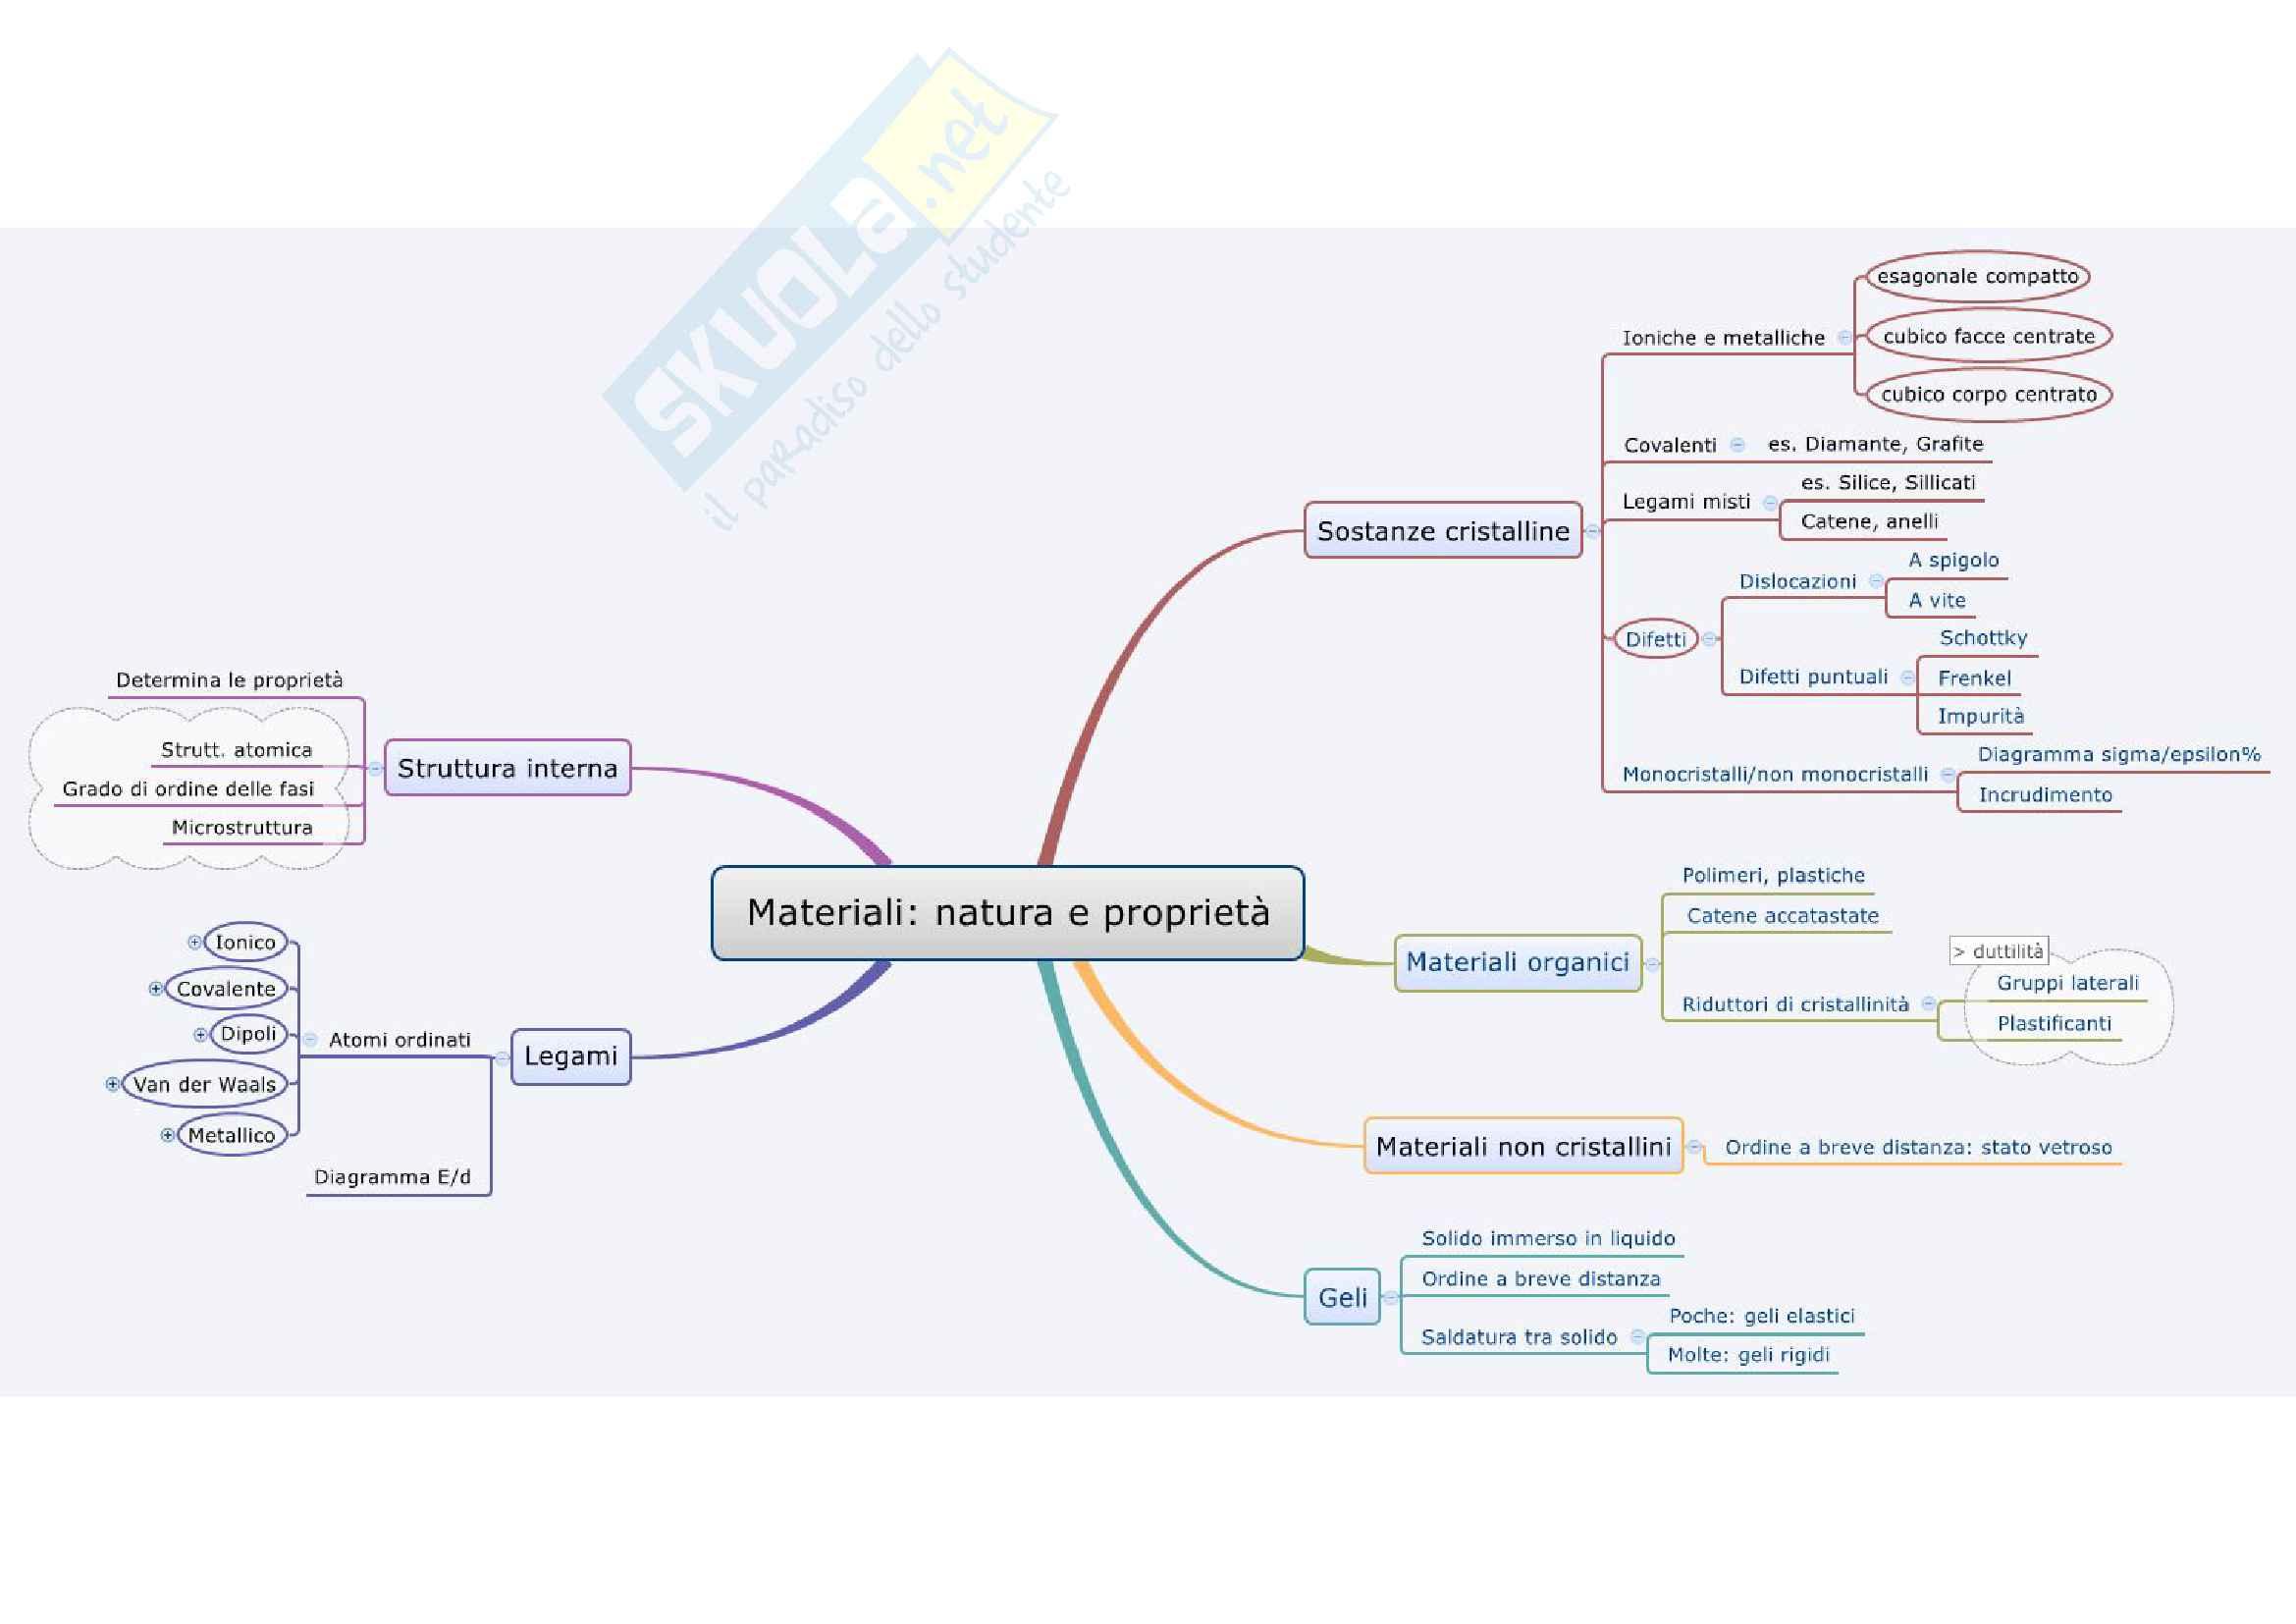 Chimica e Tecnologia dei Materiali - Mappe Concettuali